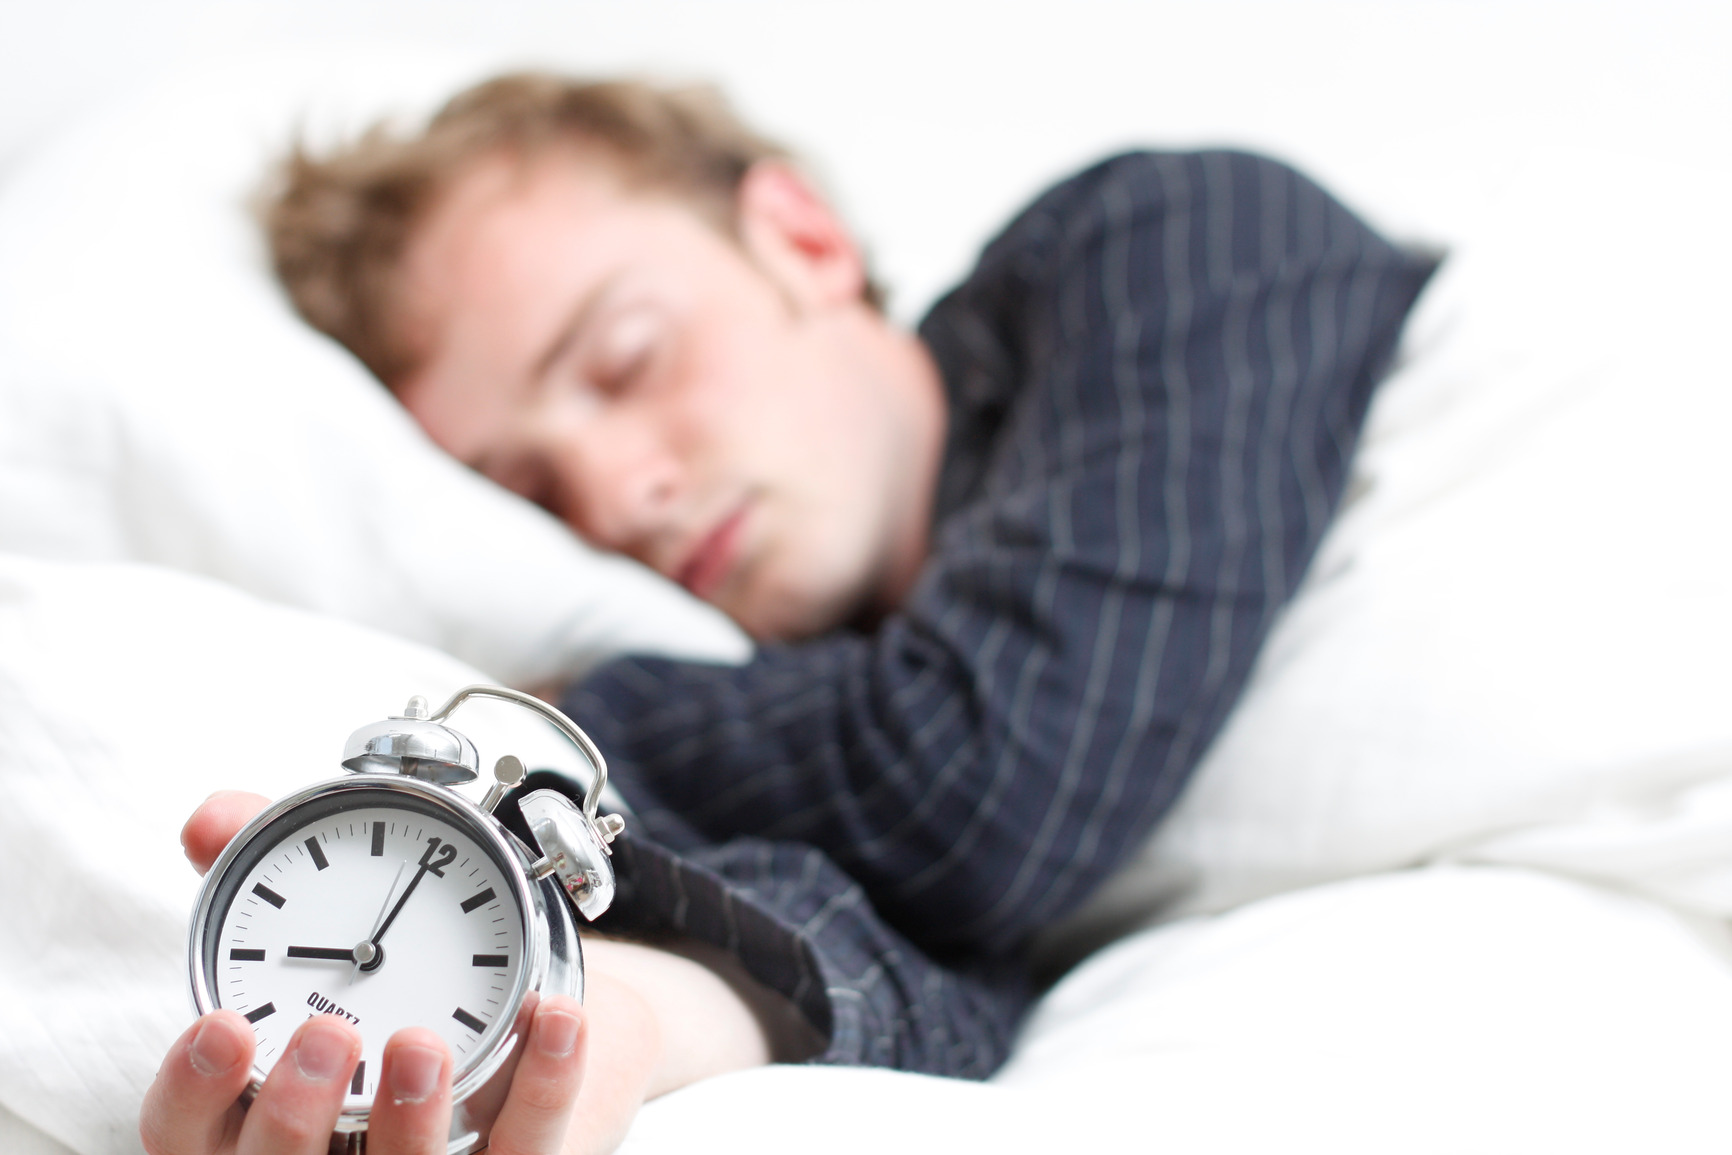 با تکنیک «۴-۷-۸» در کمتر از یک دقیقه به خواب بروید!